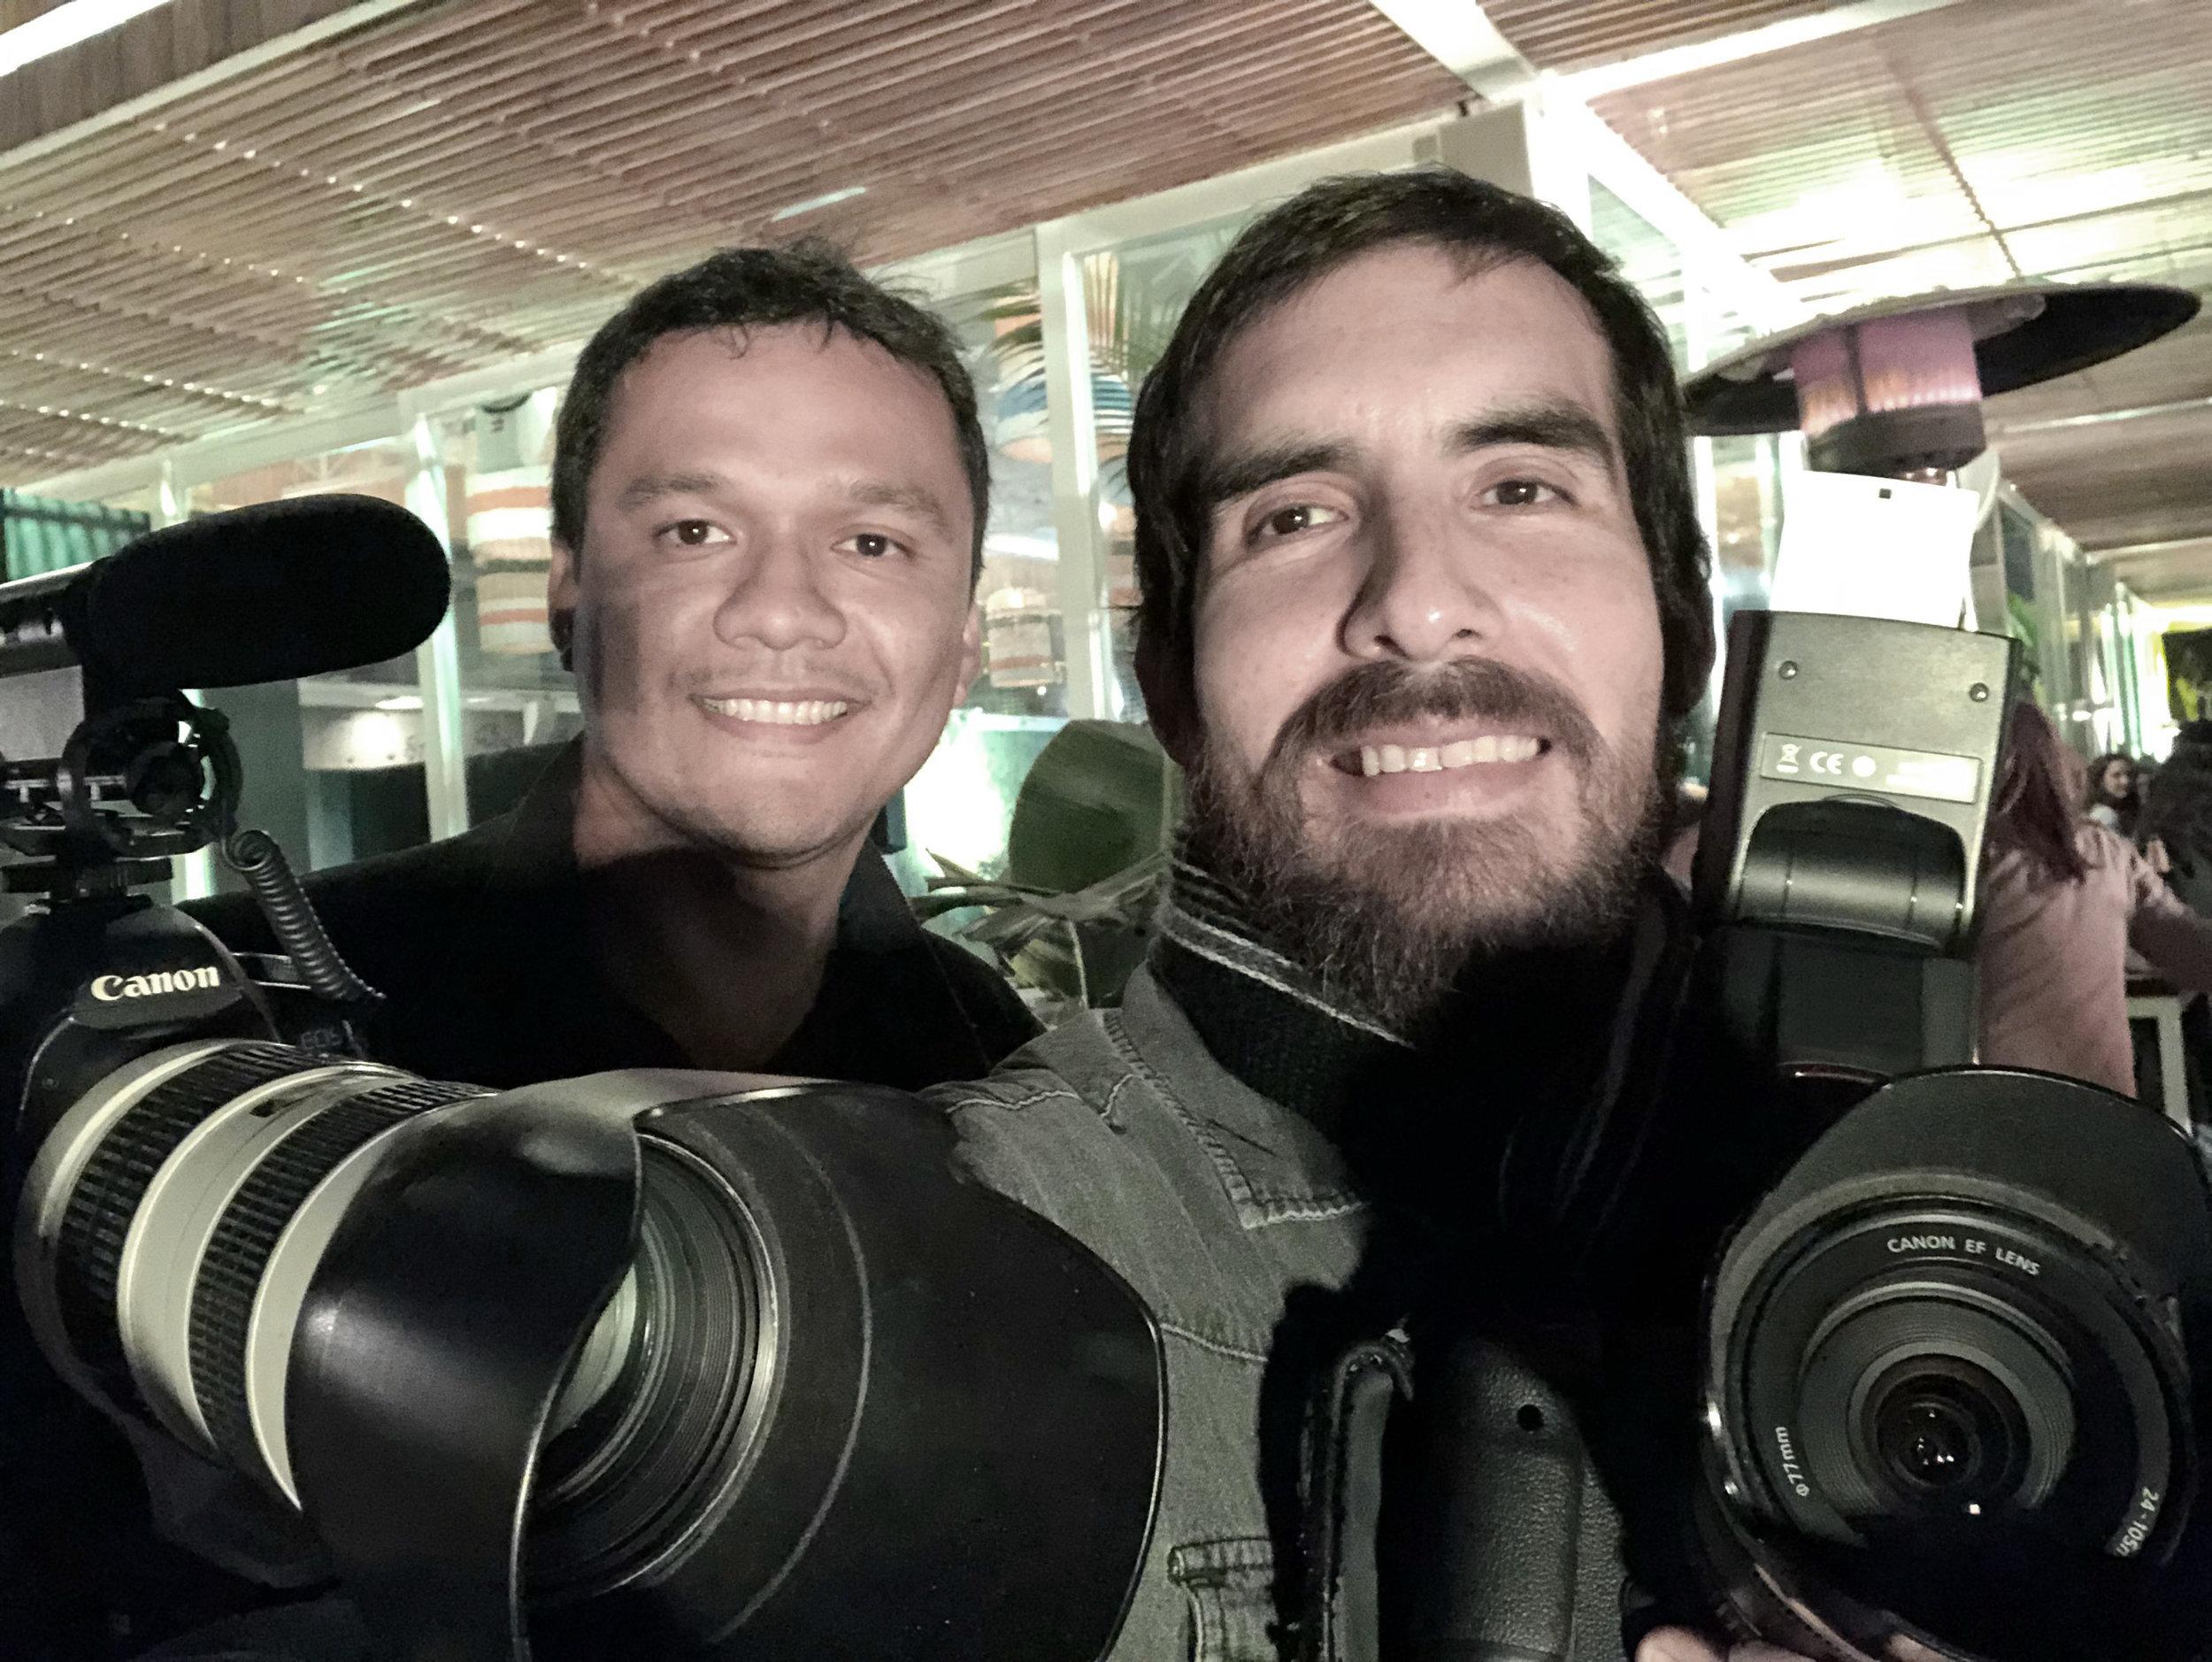 Foto+Video.  Selfie pos-trabajo de nuestro fotógrafo Miguel Jose Flores y nuestro videógrafo Pablo Rondán, quienes realizaron una sesión junto a la agencia Avant-Garde para nuestro nuevo cliente El Gourmet.  La sesión se realizó en Ammo, ubicado en el circuito de playas, Barranco.